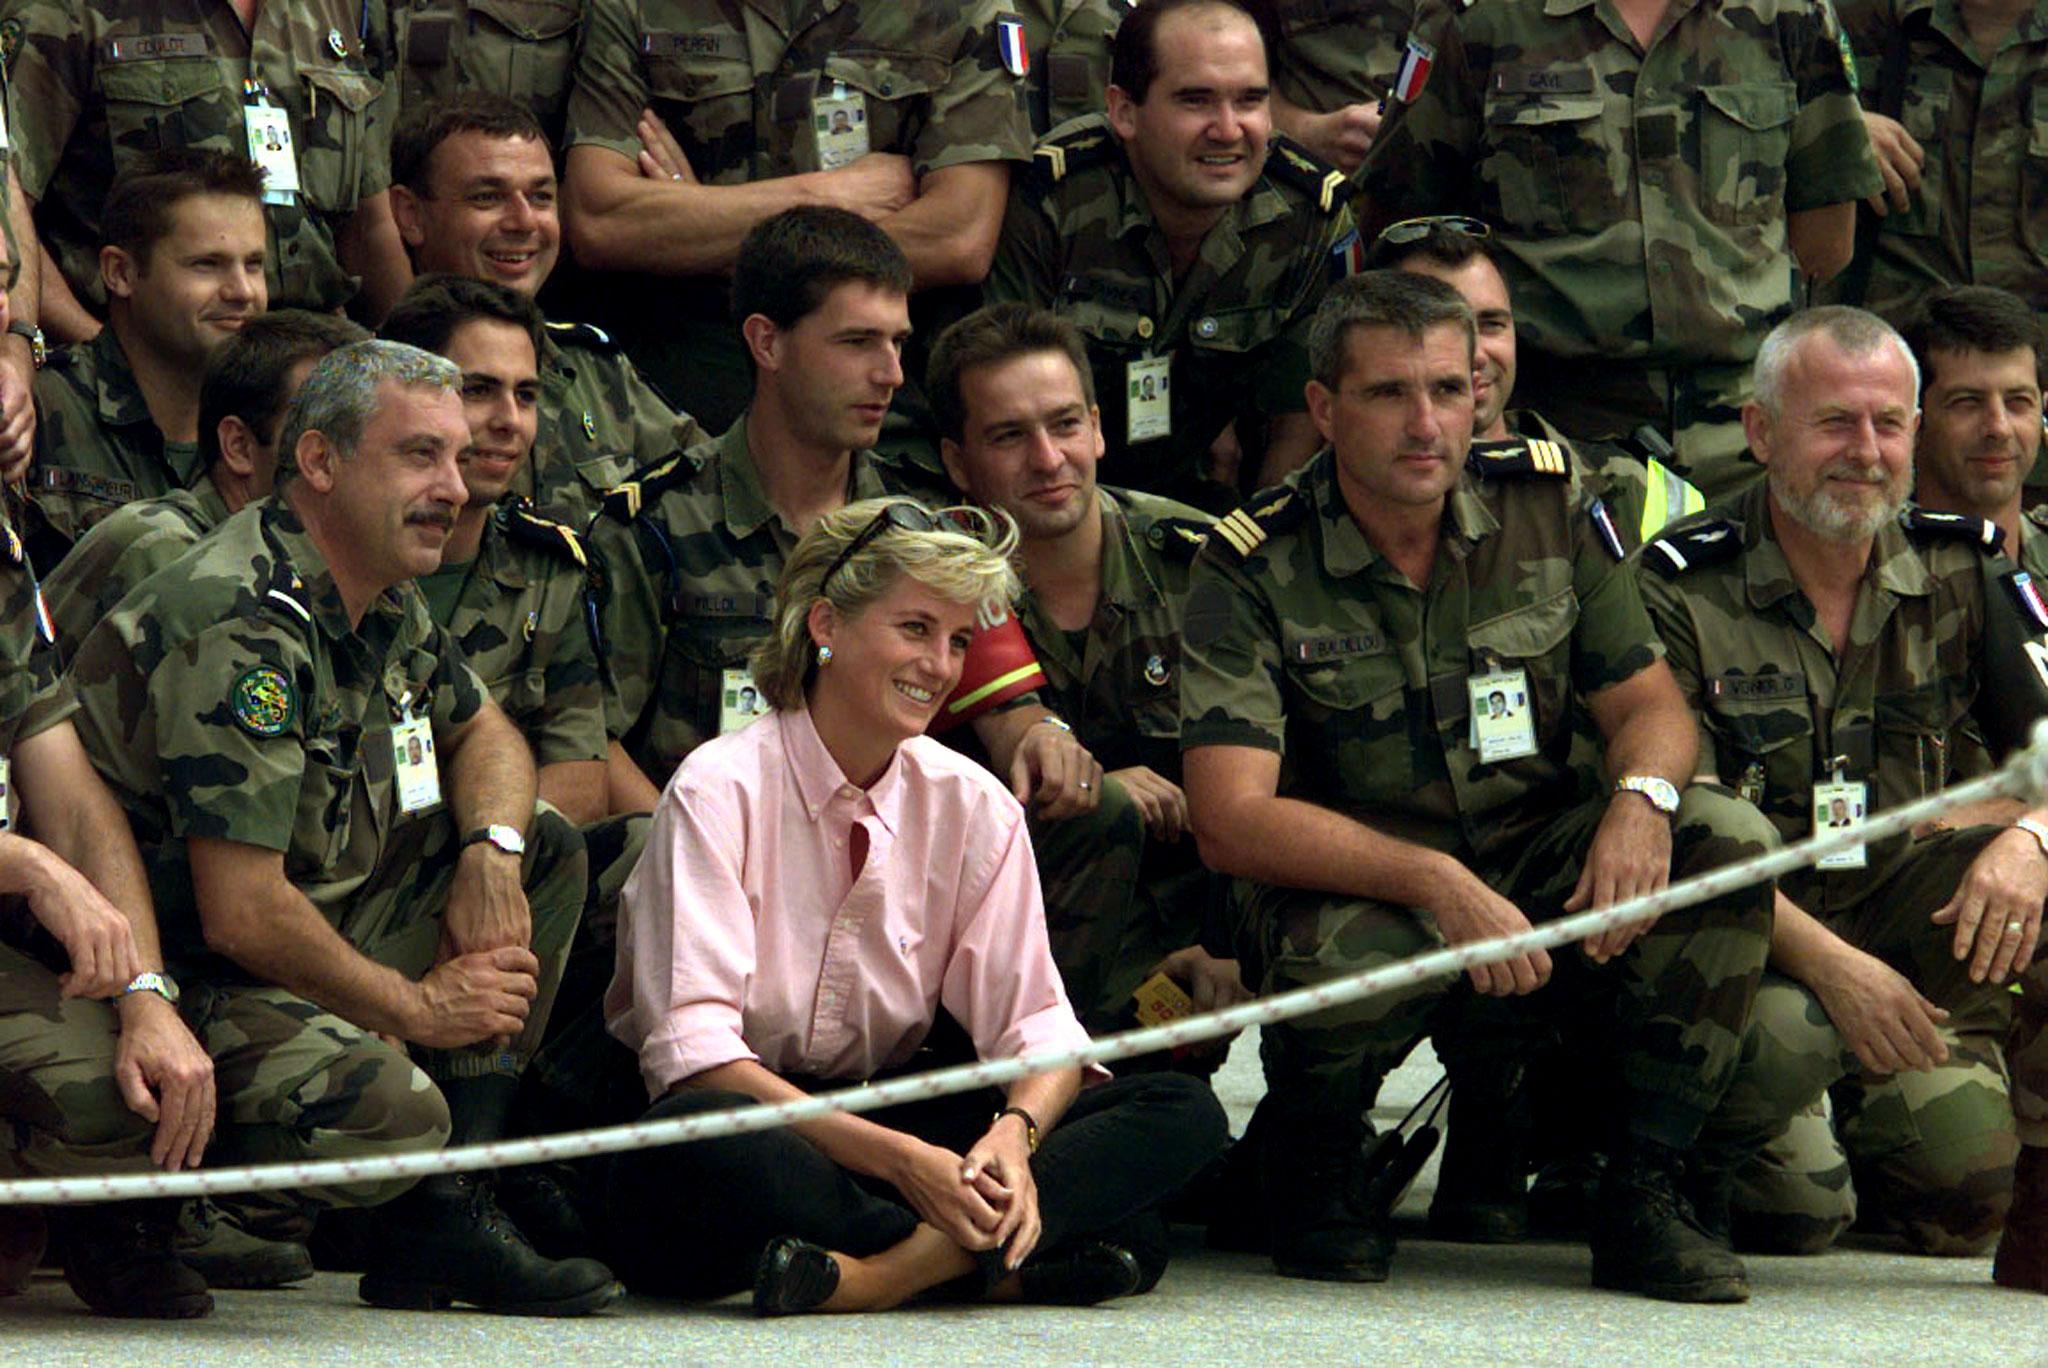 Diana posa com membros dos capacetes azuis franceses, em Agosto de 1997. Viajou para a Bósnia e Herzegovina com o intuito de chamar atenção para as vítimas das minas